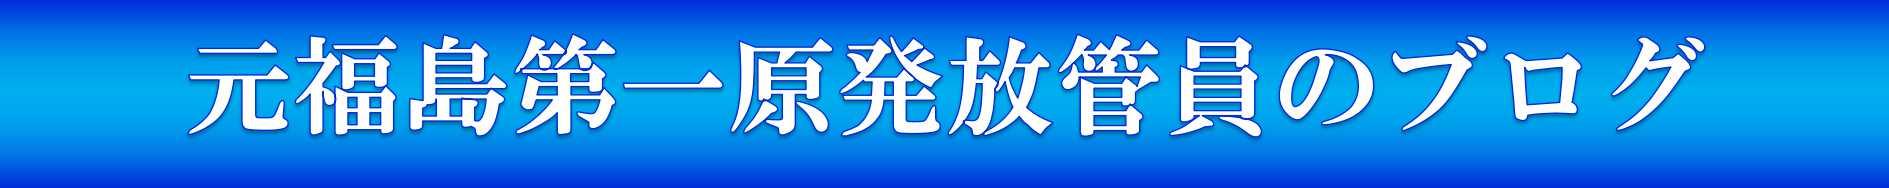 元福島第一原発放管員のブログ